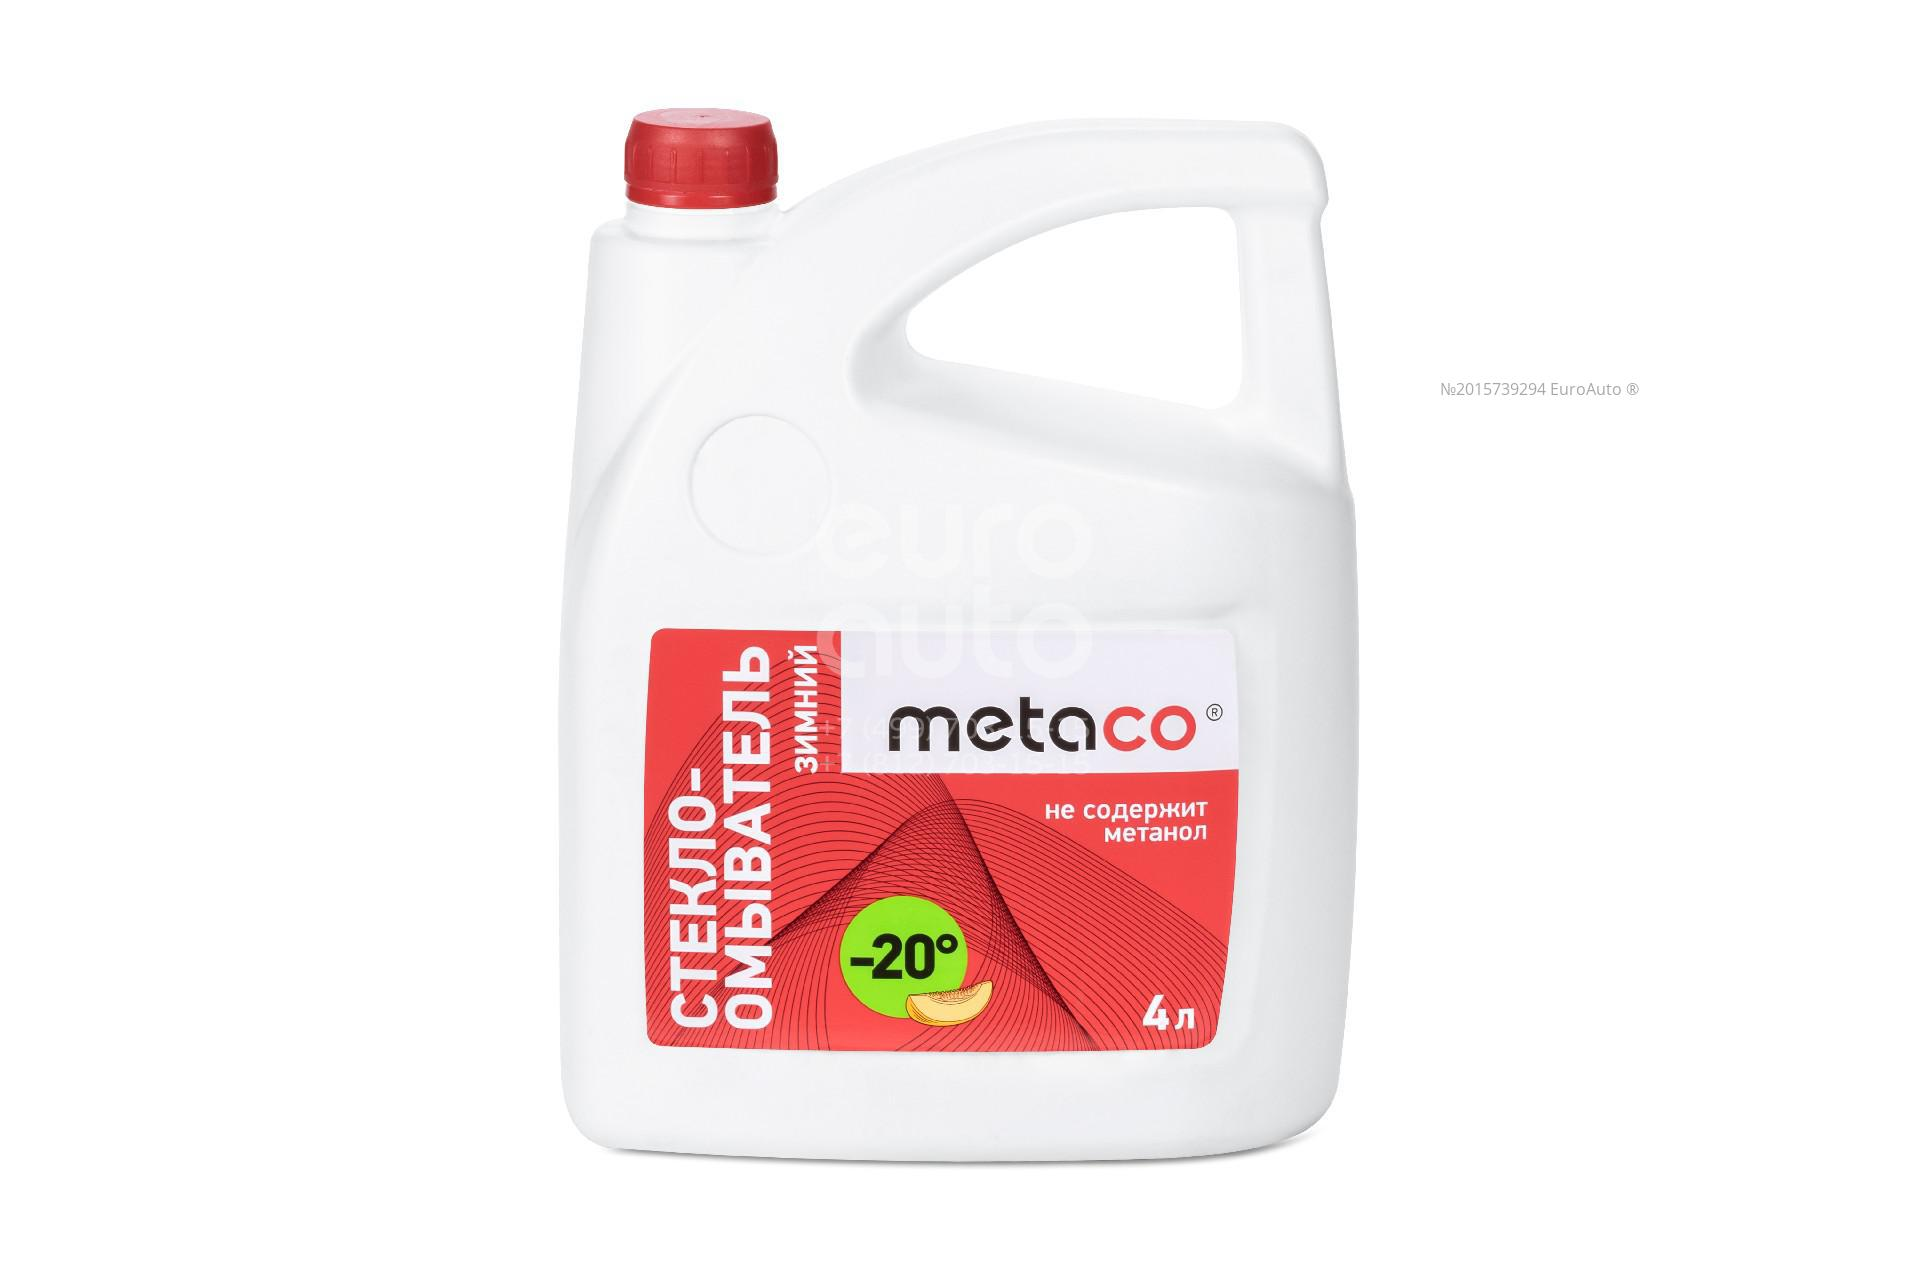 Жидкость омывателя Metaco 998-1420